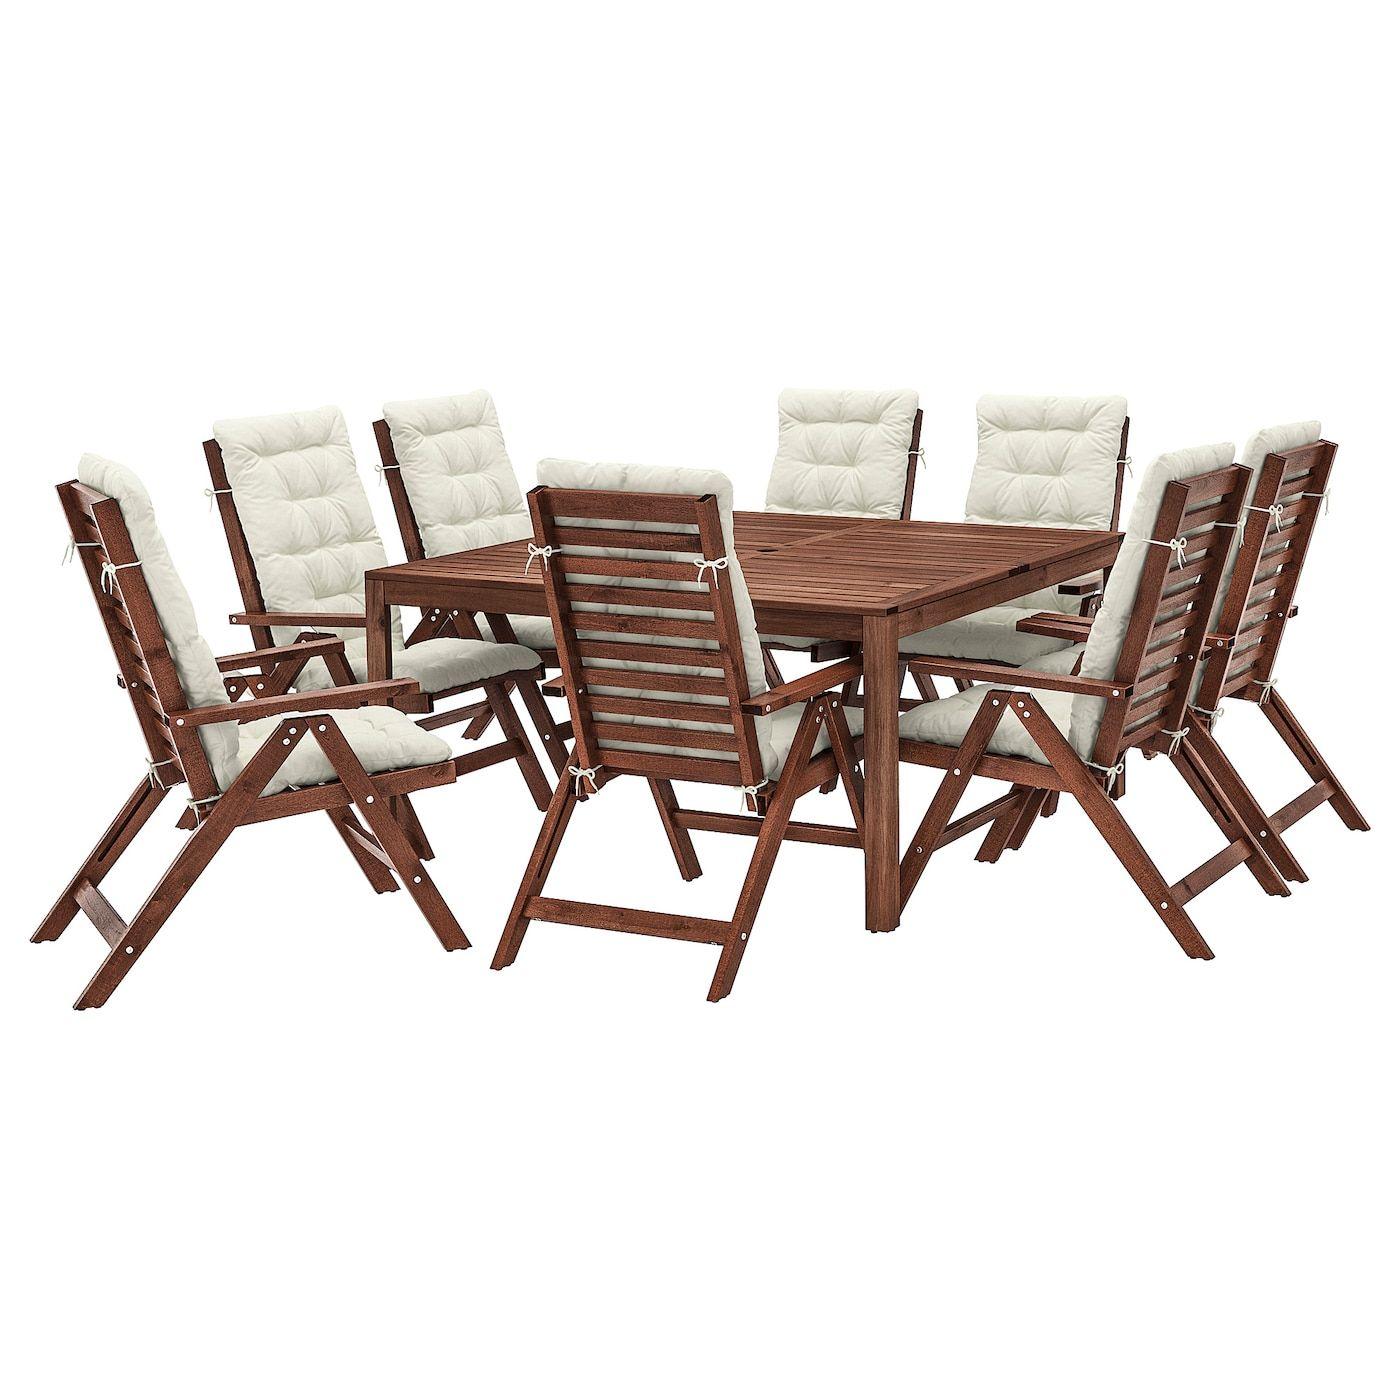 Full Size of Pplar Tisch 8 Hochlehner Auen Braun Las Ikea Miniküche Küche Kaufen Betten 160x200 Modulküche Liegestuhl Garten Sofa Mit Schlaffunktion Kosten Bei Wohnzimmer Ikea Liegestuhl